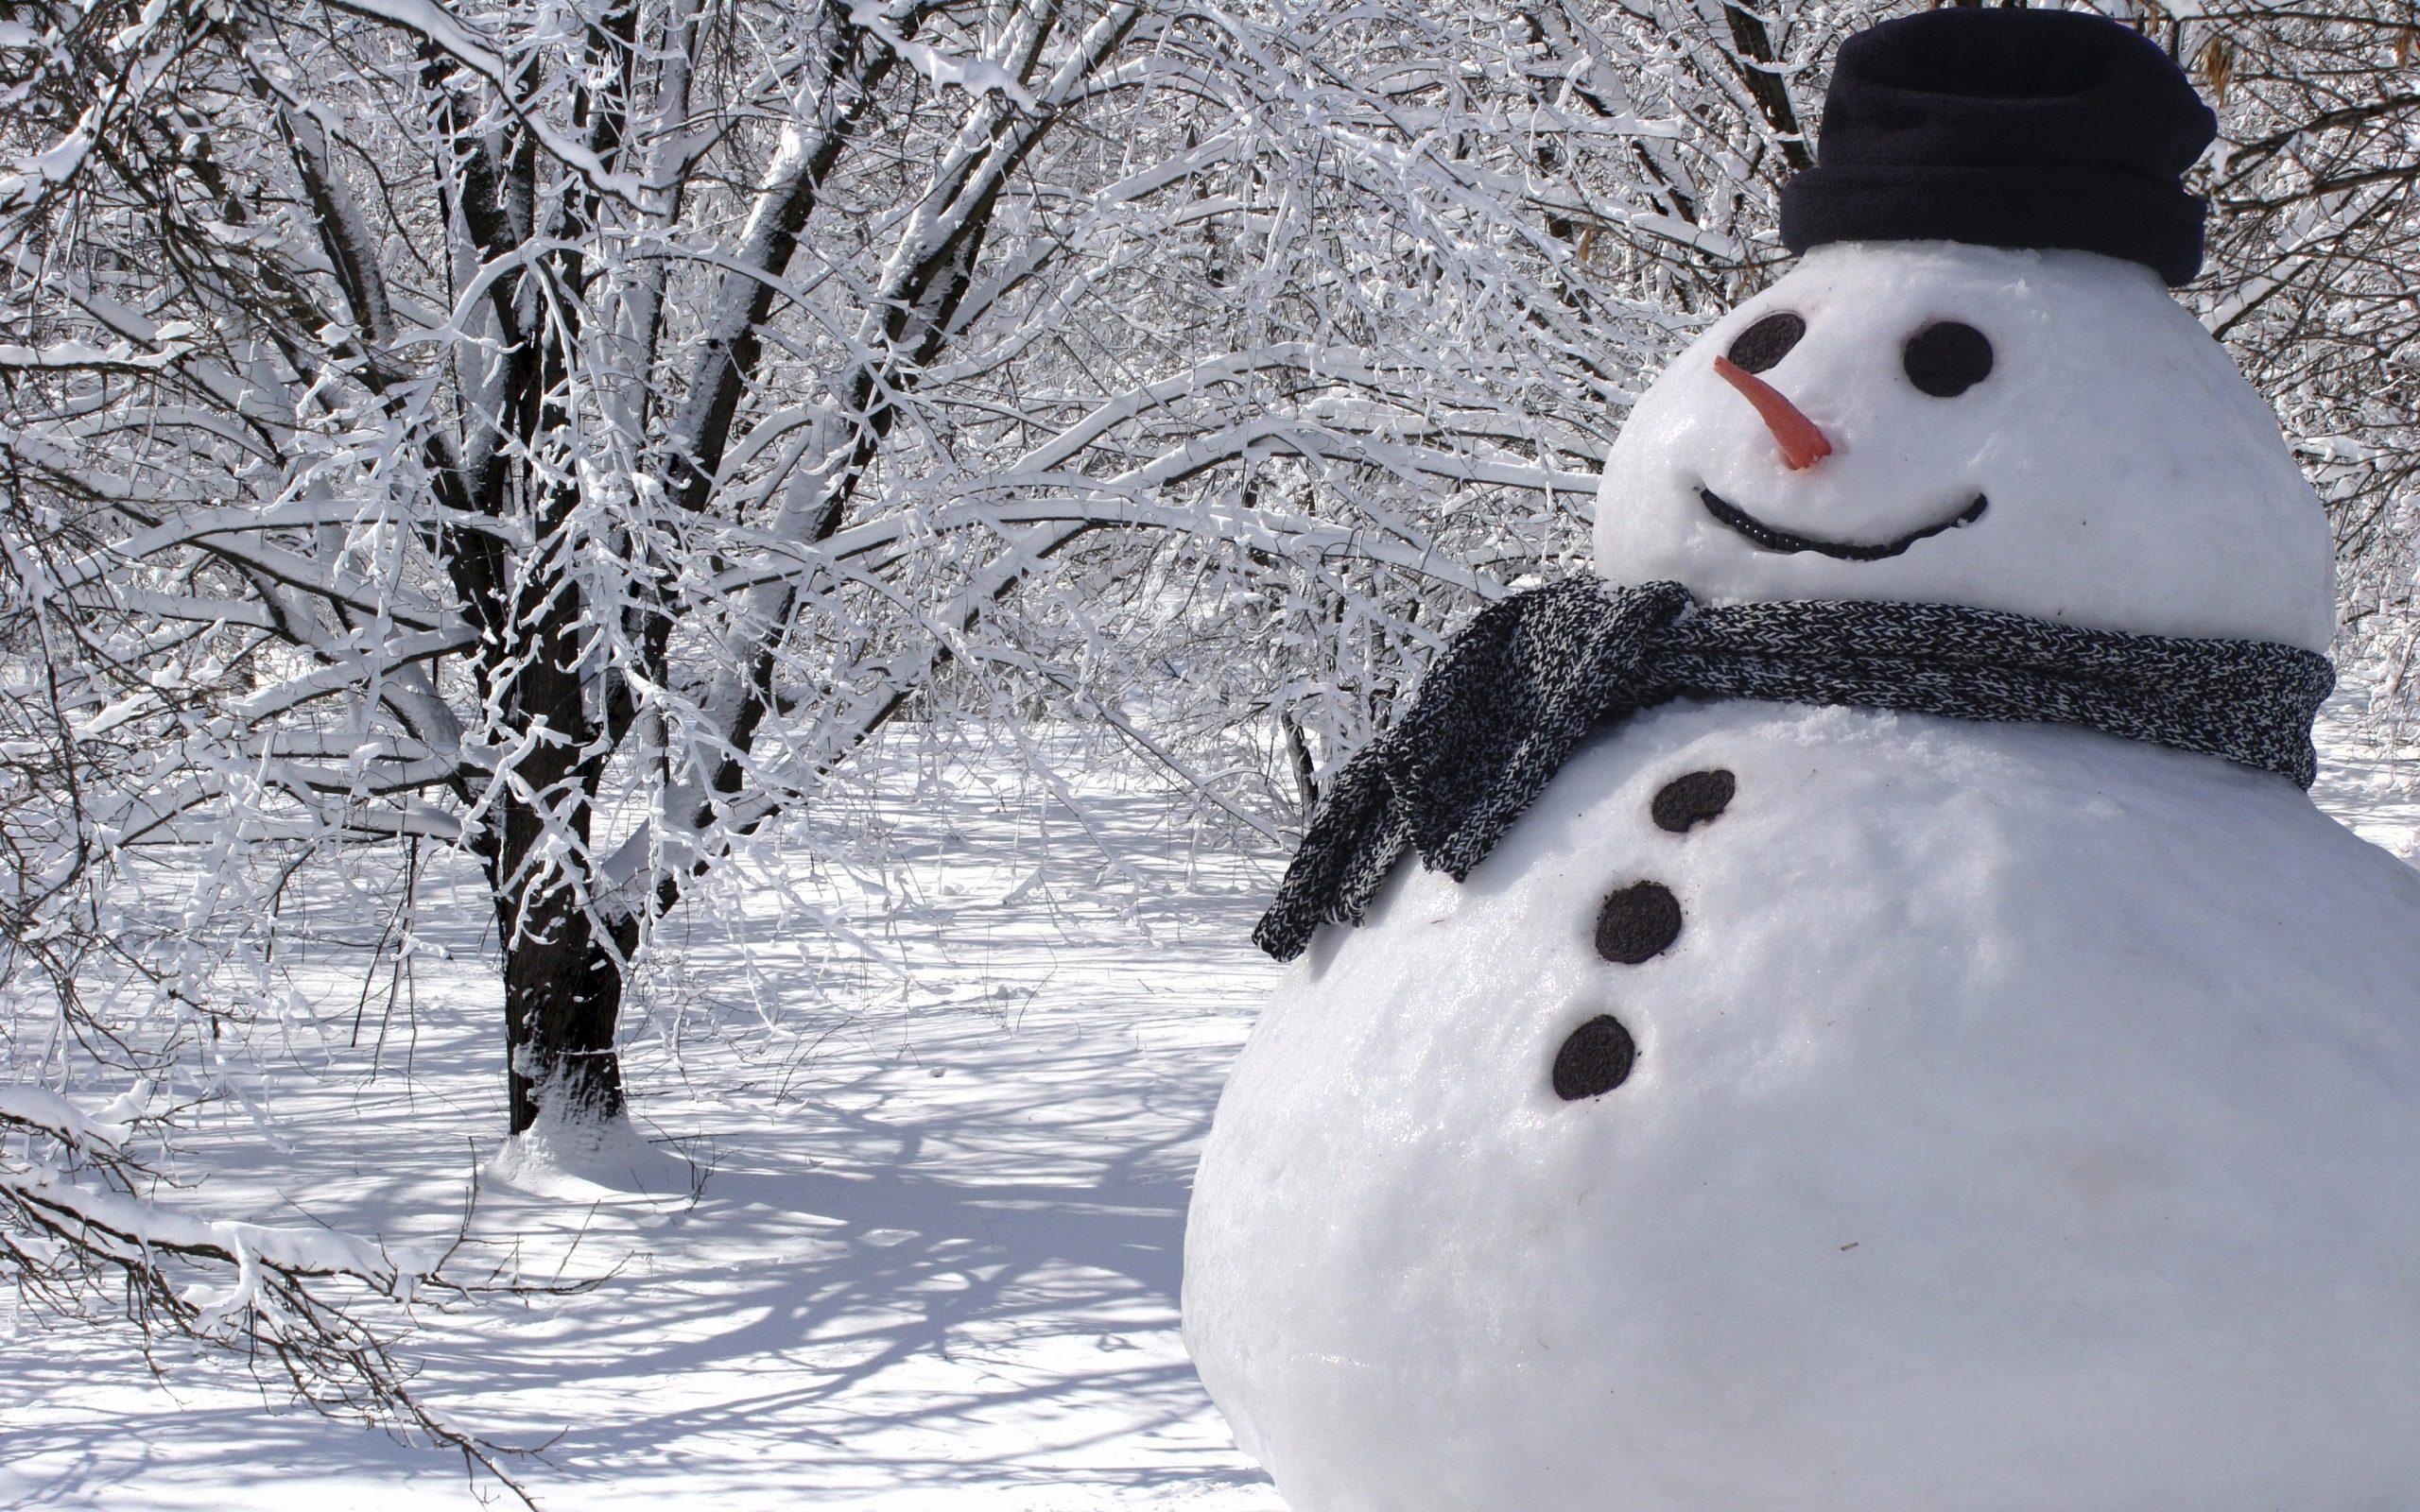 Обои смешной снеговик скачать на рабочий стол, картинки из снега